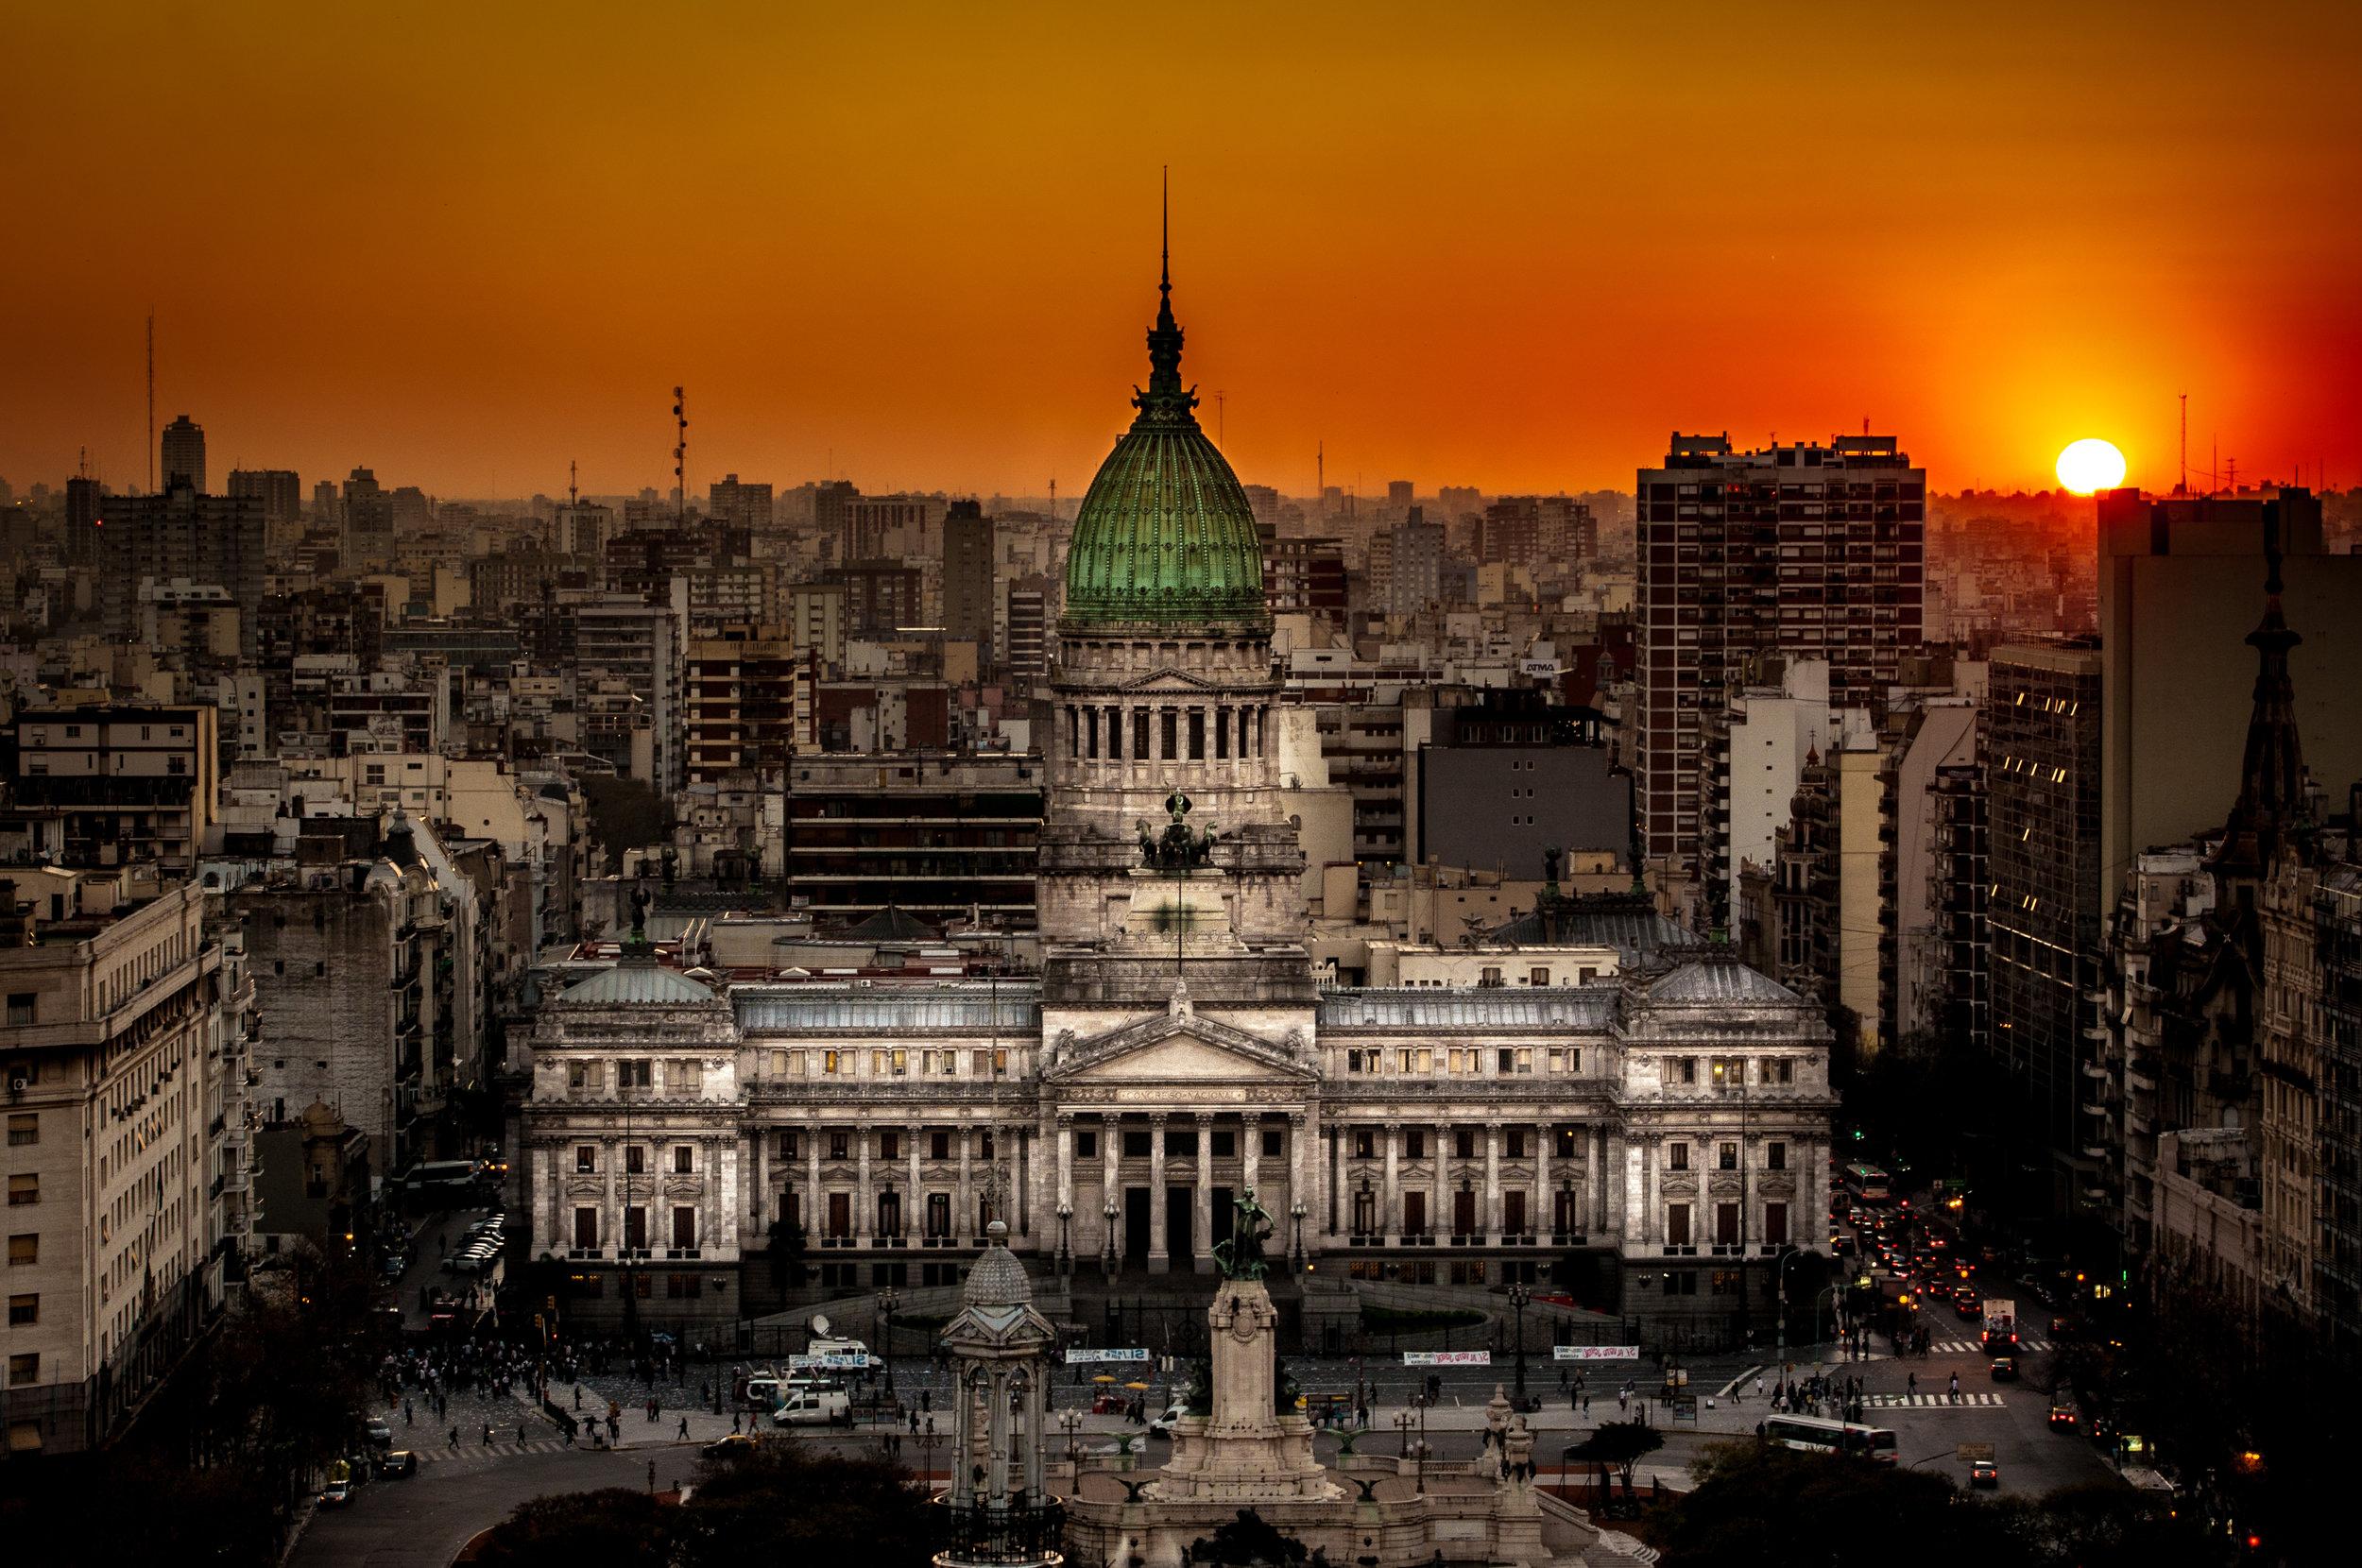 Atardecer_en_el_Congreso_de_la_Nación_Argentina.jpg